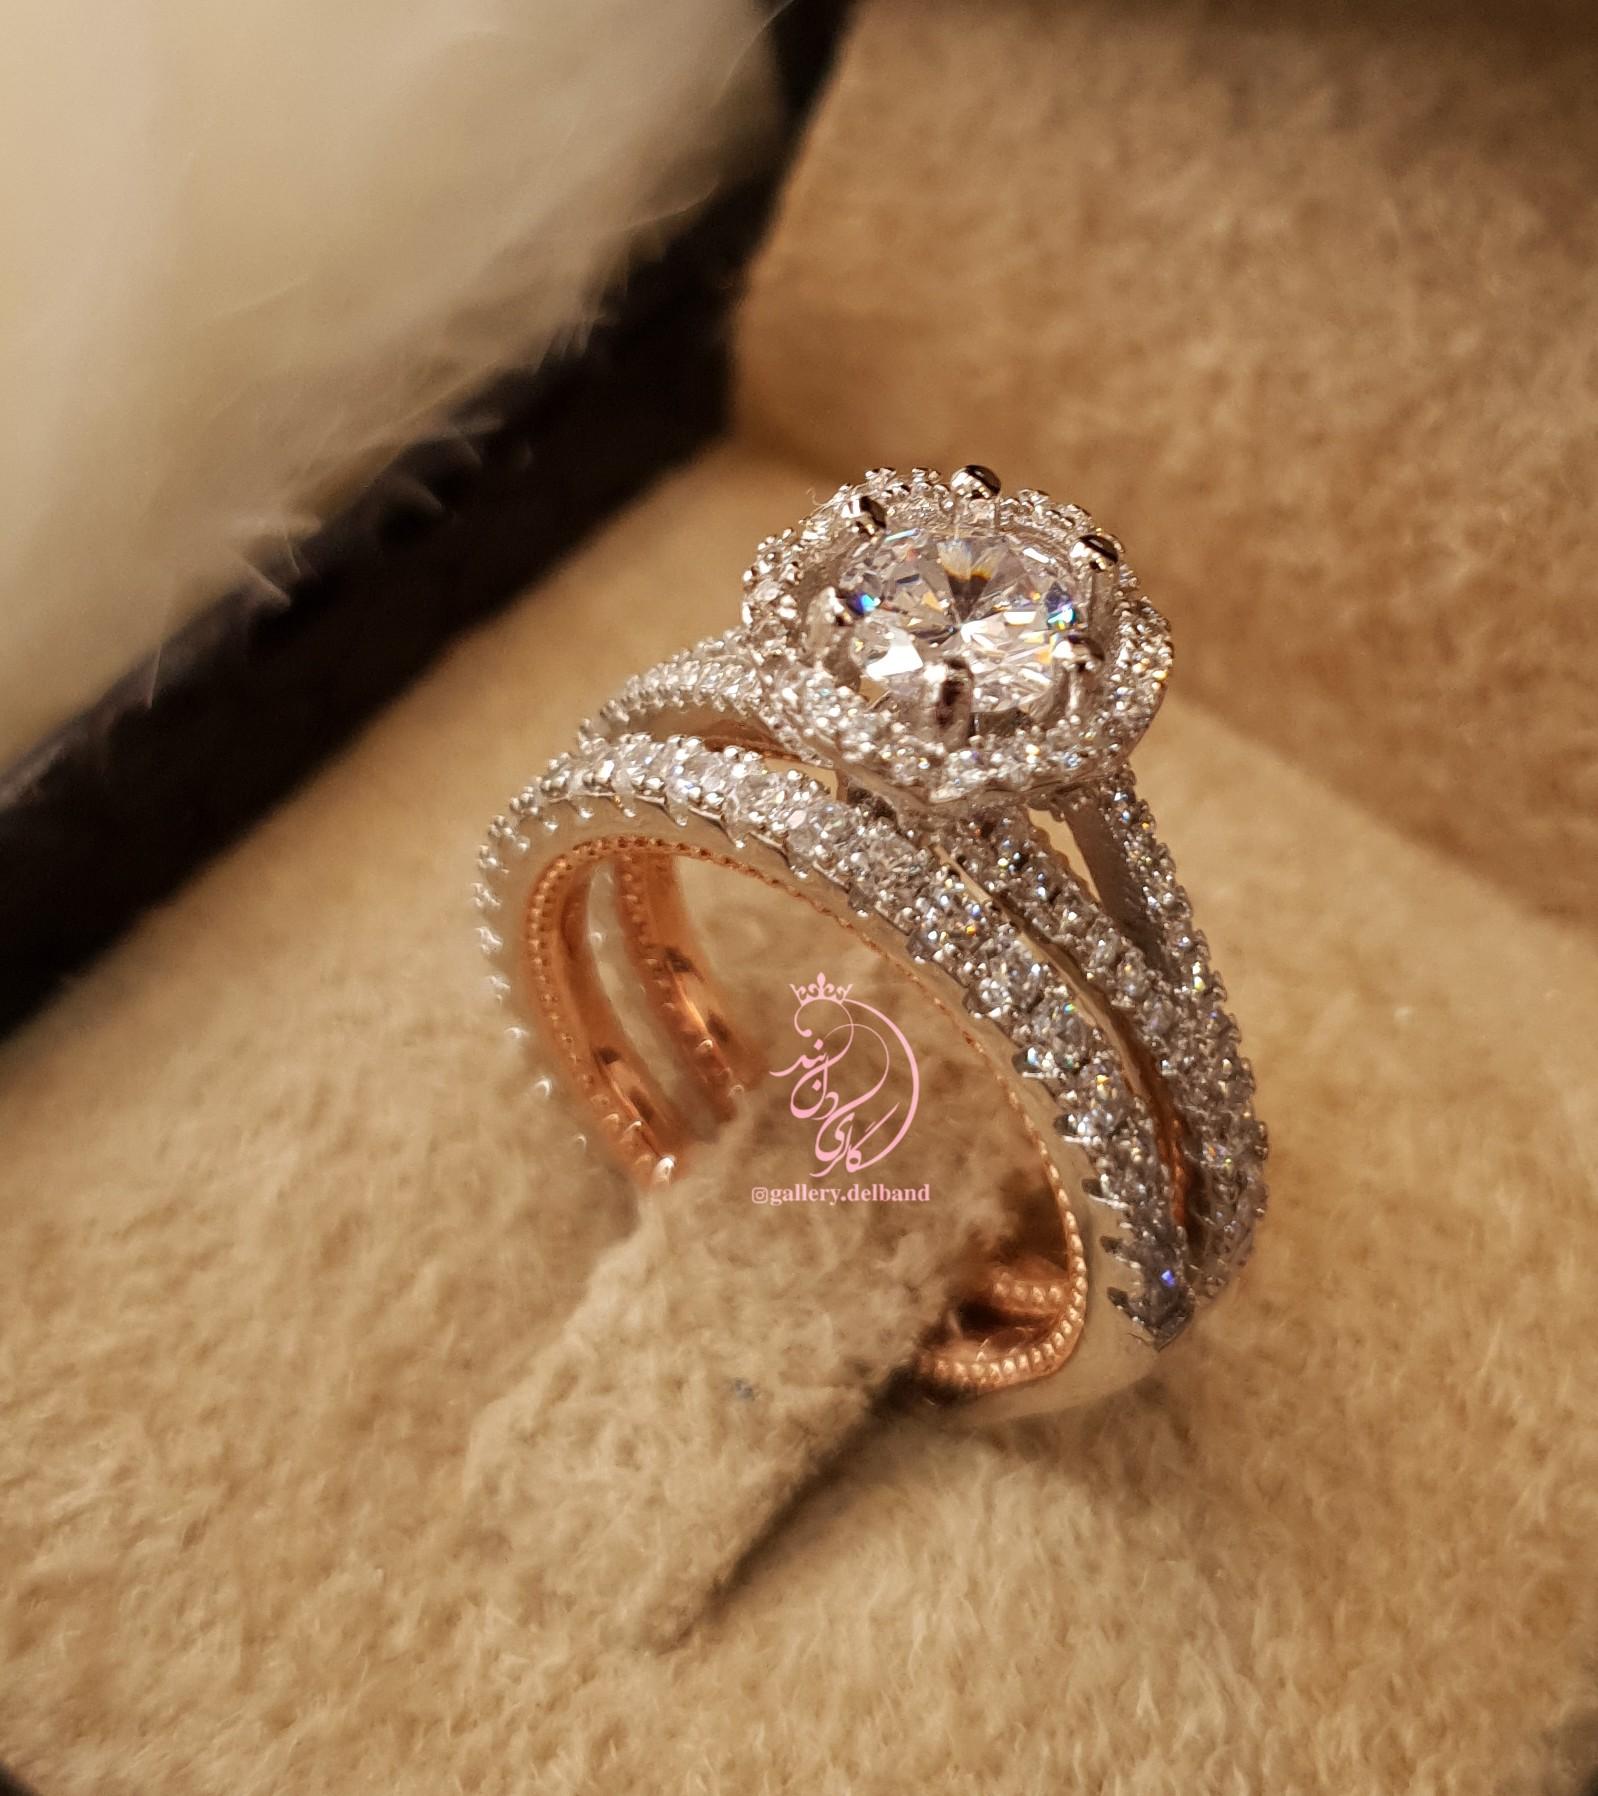 💍حلقه و پشت حلقه جواهری نقره عیار ۹۲۵ با روکش طلا سفید و داخل رکاب رزگلد